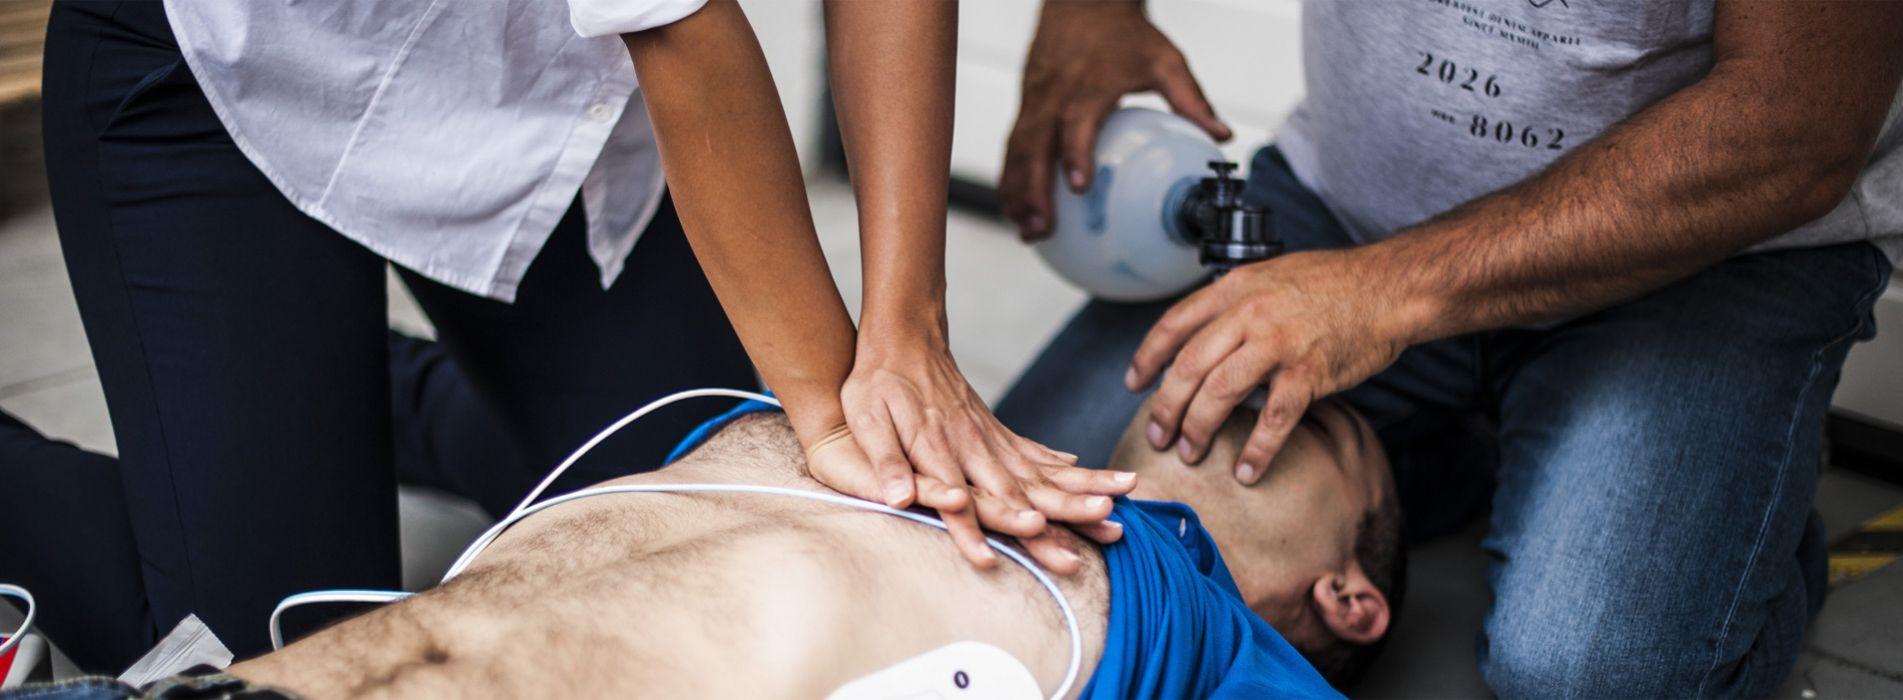 derbyshire first aid training